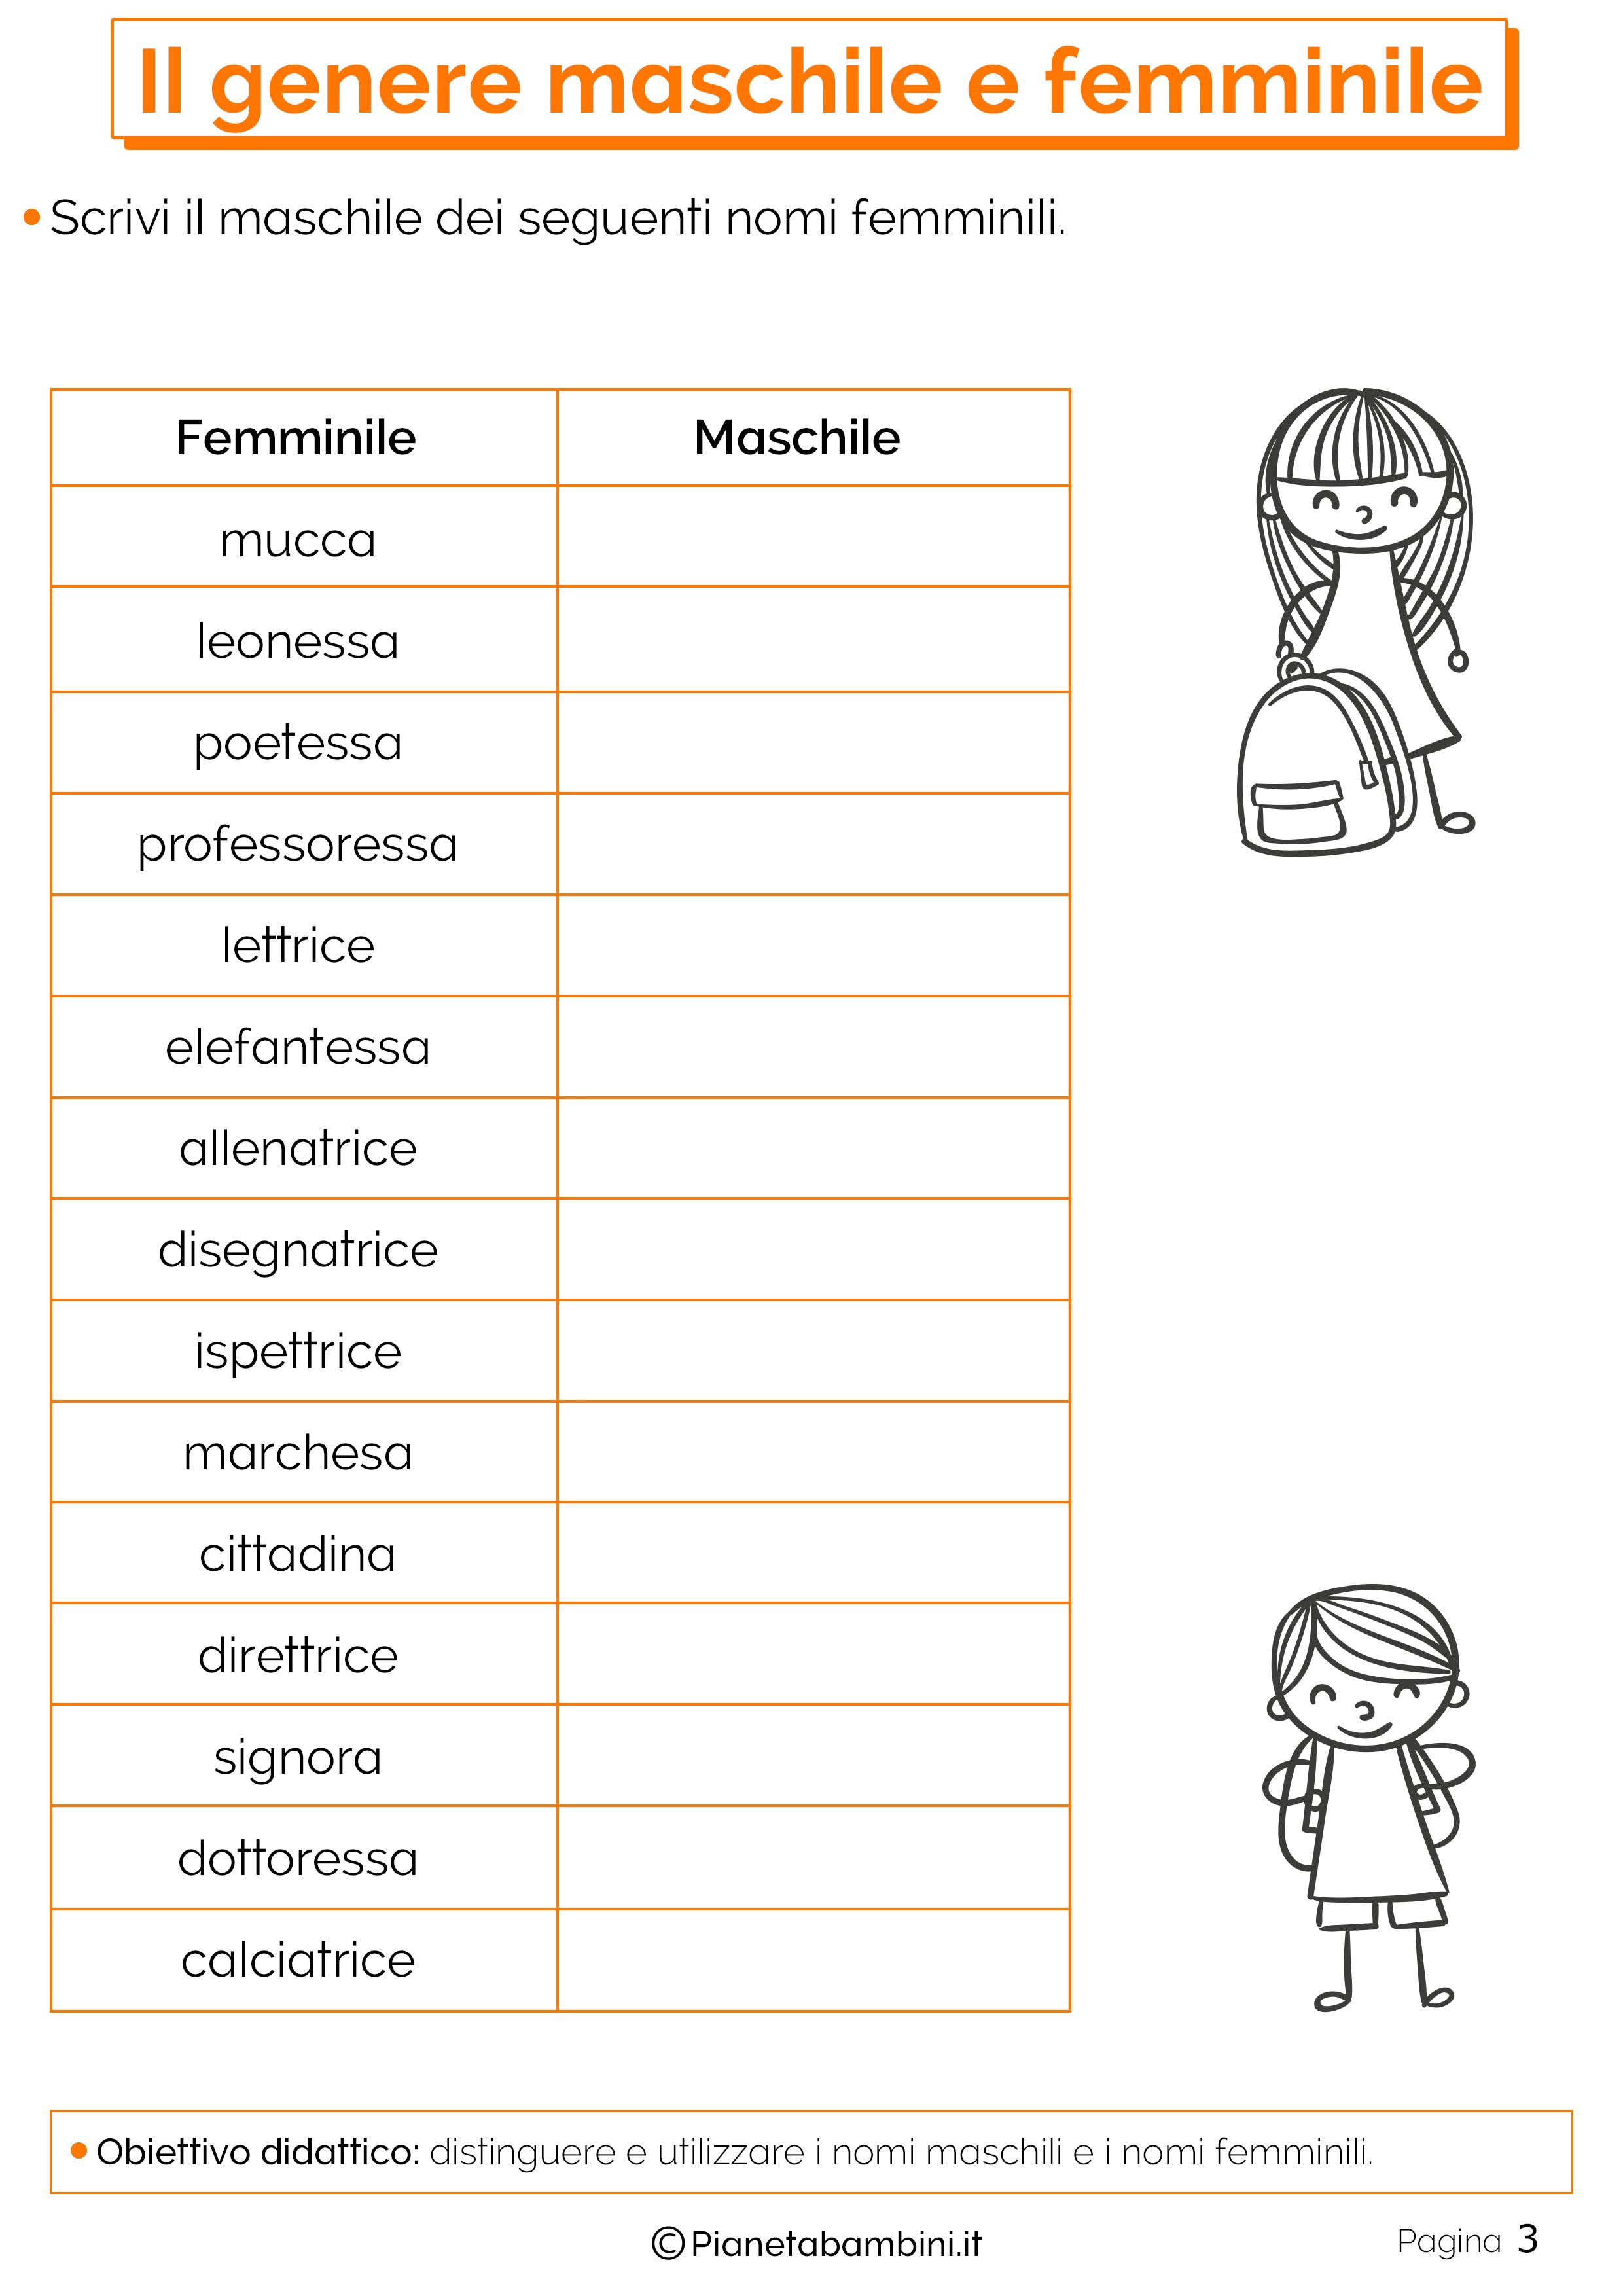 Scheda didattica sul genere dei nomi 03